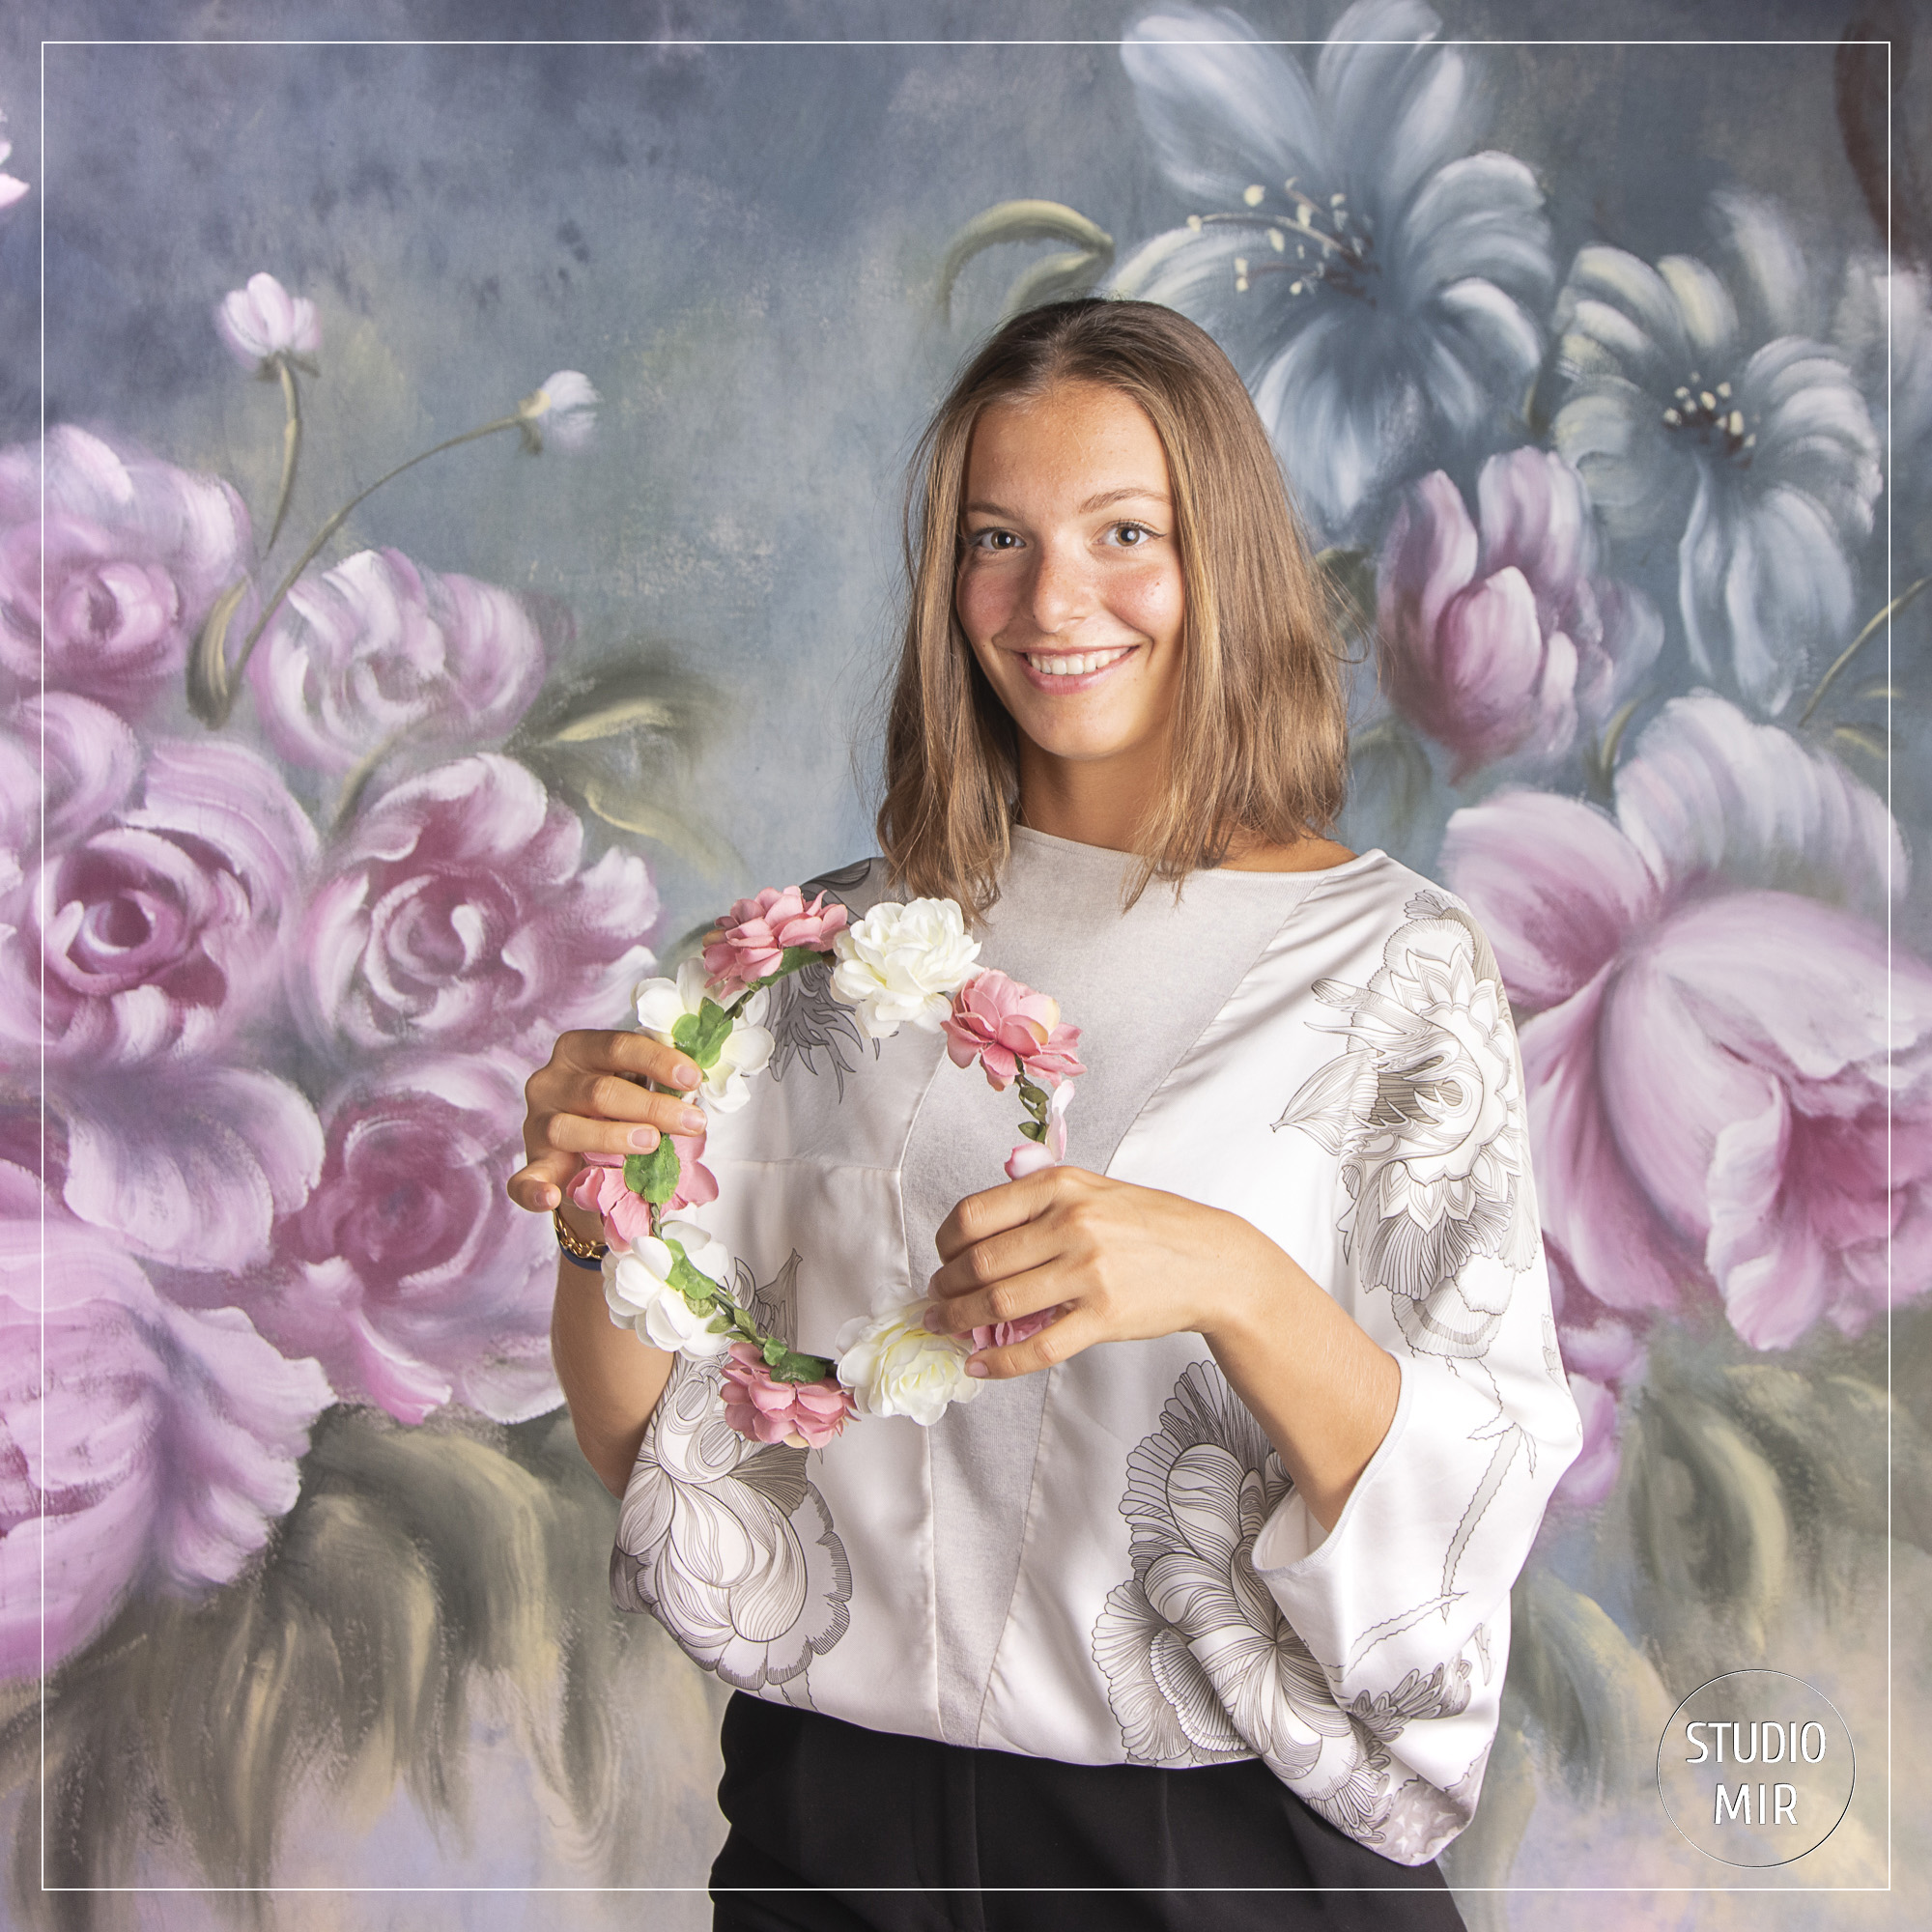 Photographe modèle en studio : shooting fond à fleurs près de Paris